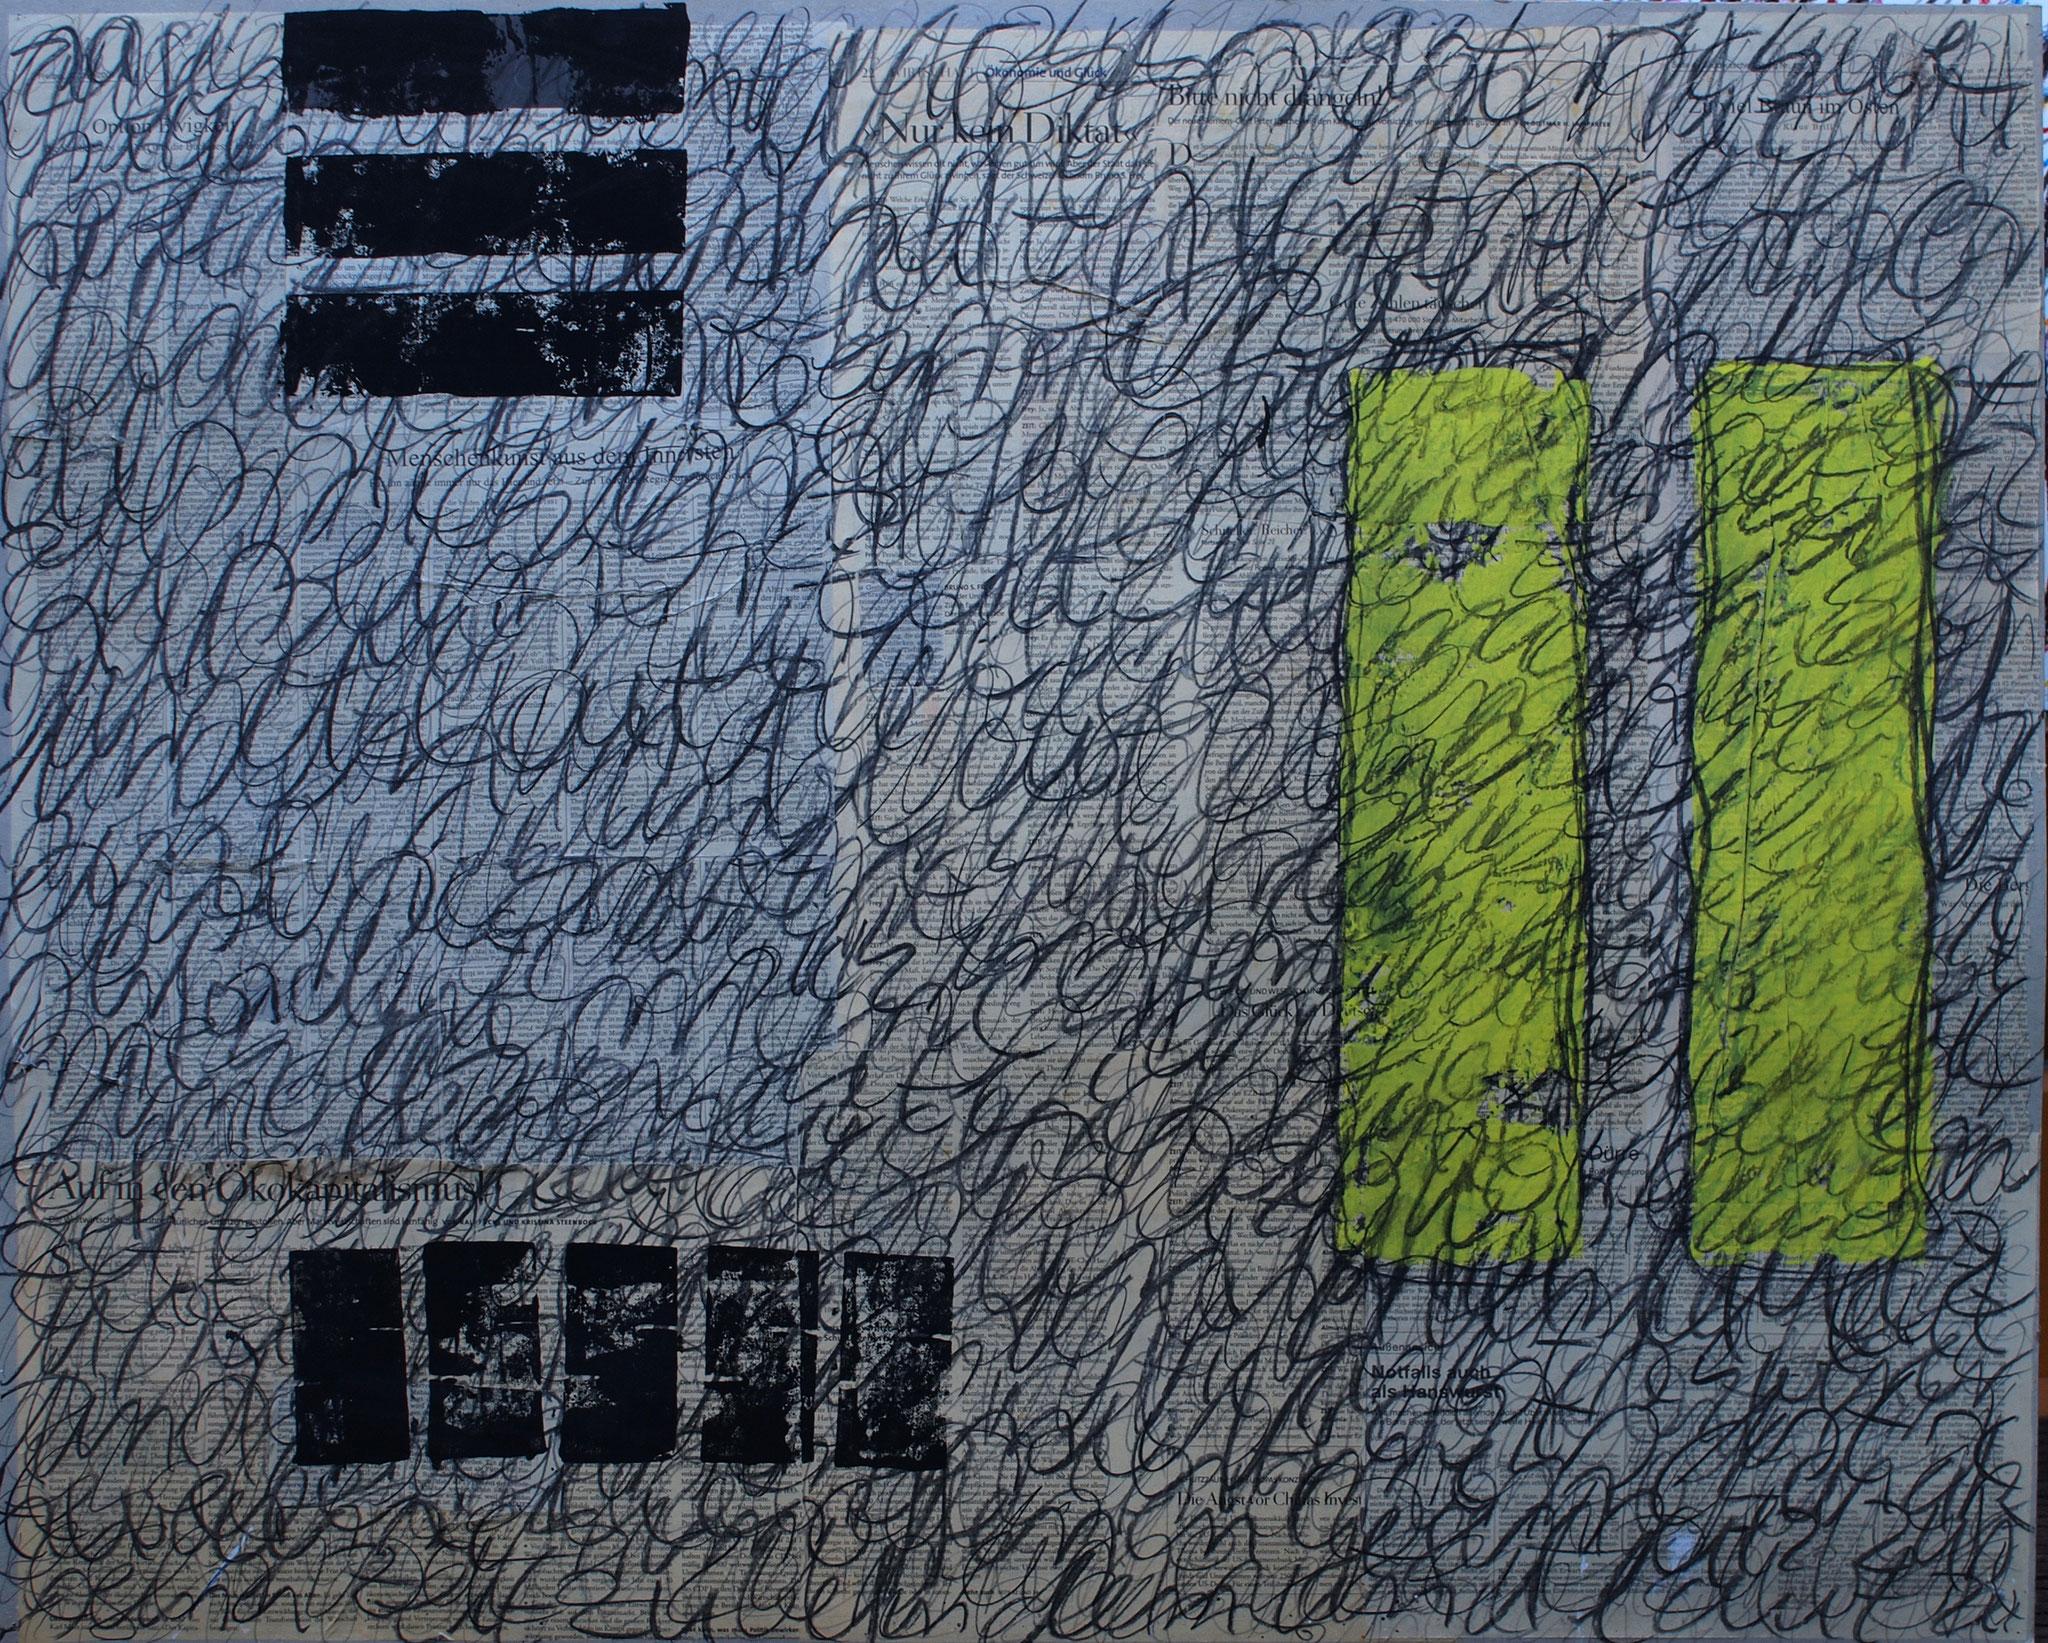 wirtten - 2016 - Zeitung, Bleistift, Kohle, Linoldruck auf Pappe - 80 x 100 cm